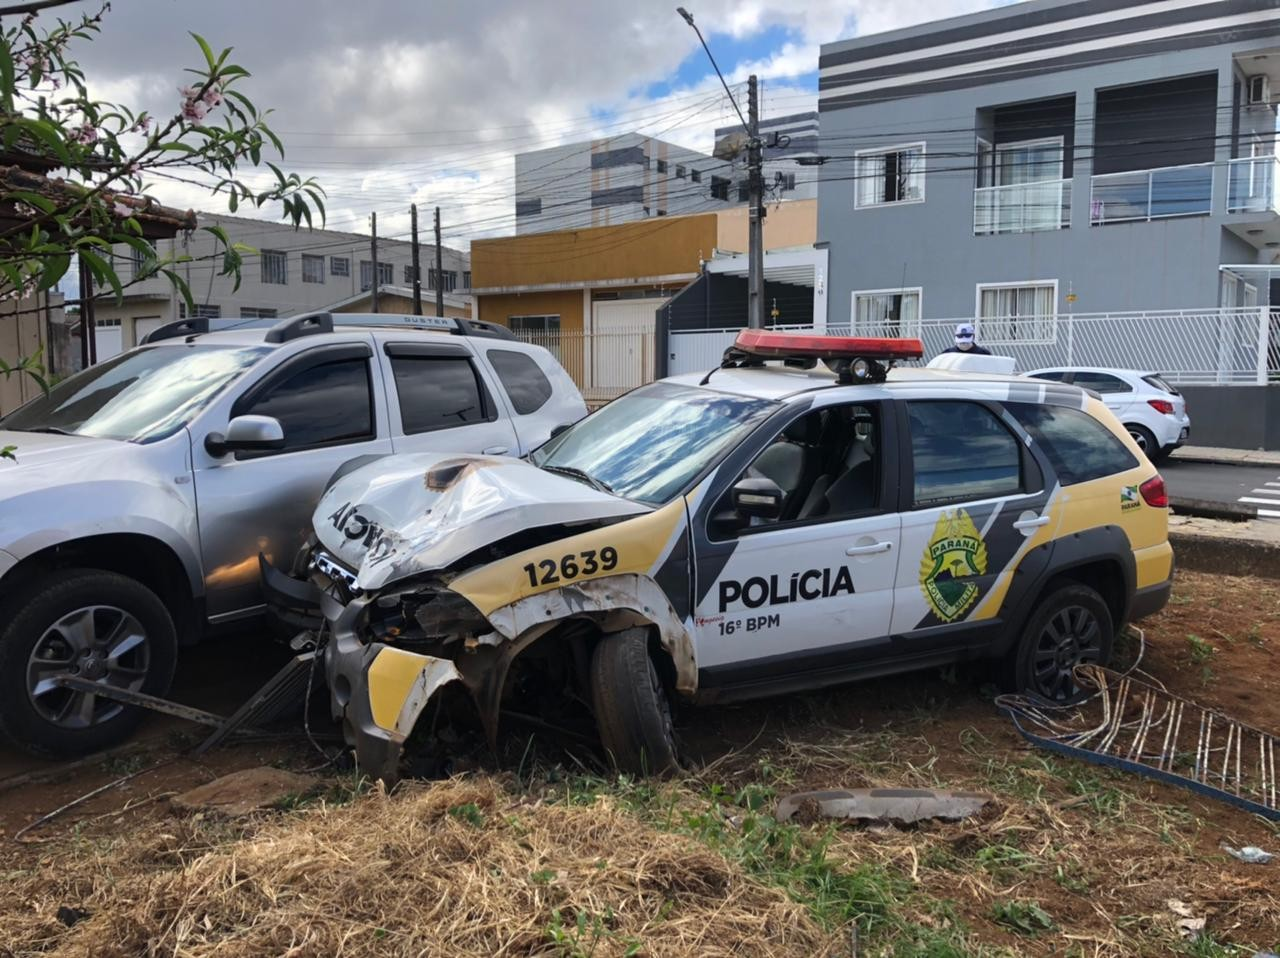 Carro da PM bate em veículo estacionado em quintal após acidente, em Guarapuava